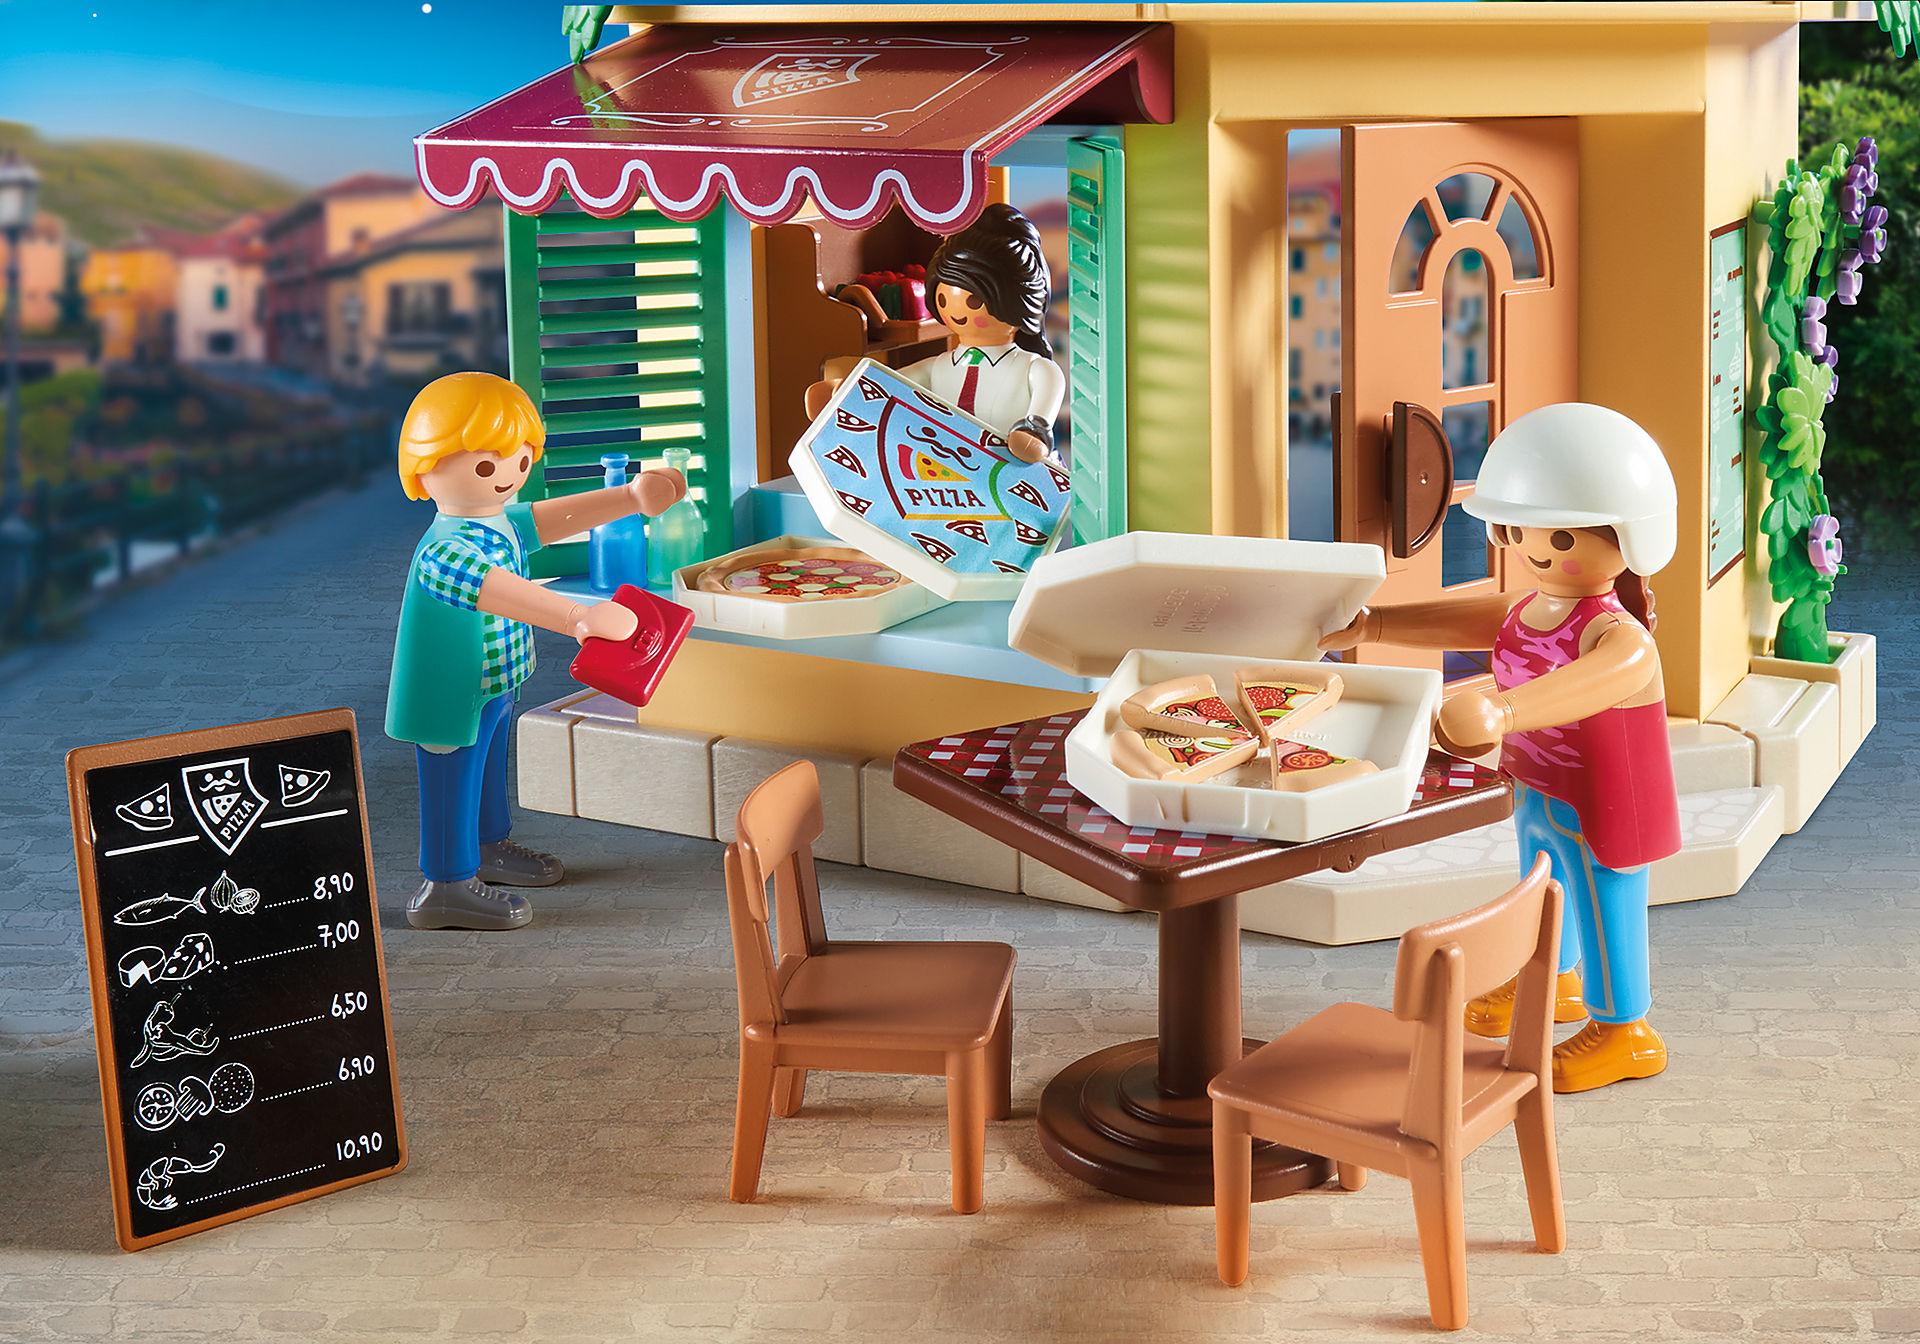 70336 Pizzeria z ogródkiem restauracyjnym zoom image4